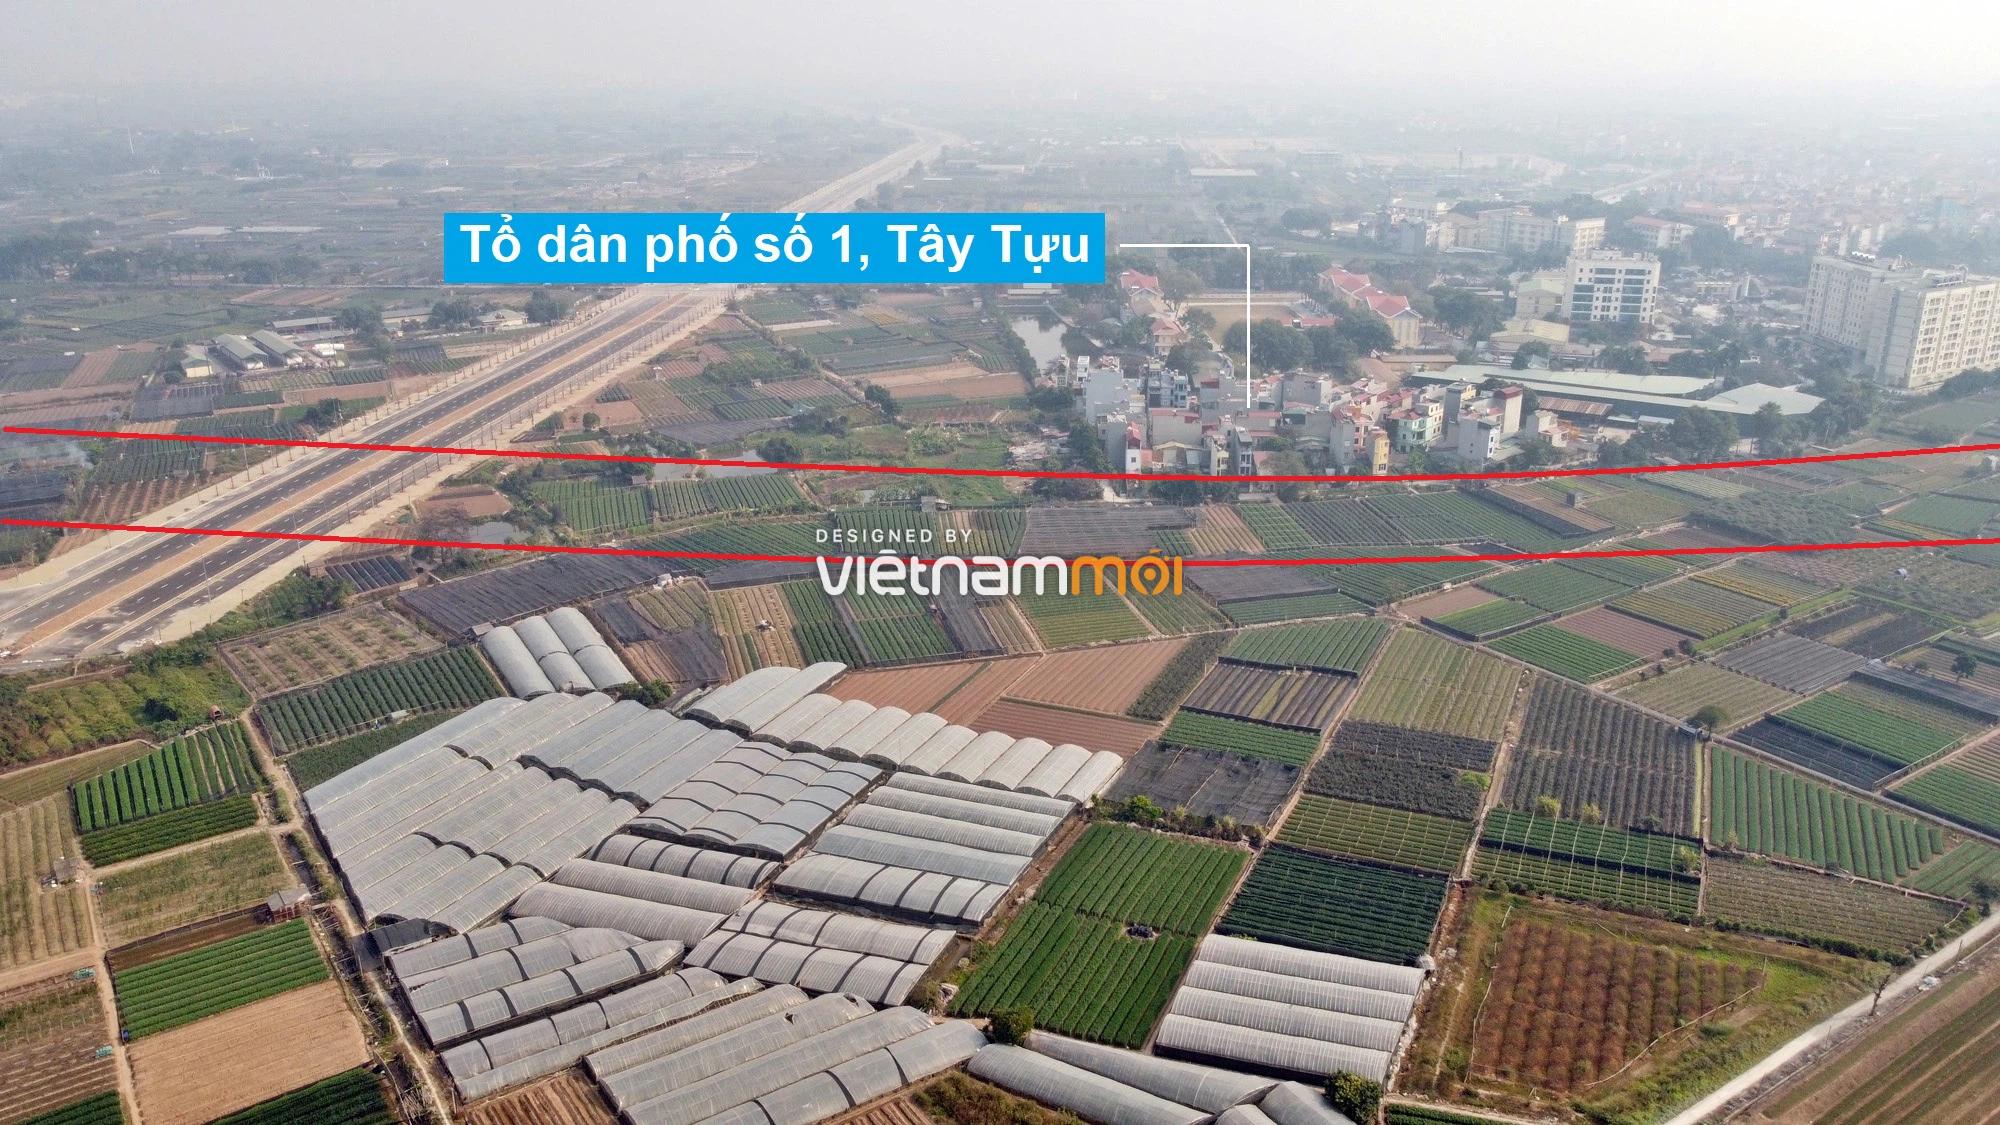 Đường Vành đai 3,5 sẽ mở theo quy hoạch qua quận Bắc Từ Liêm, Hà Nội - Ảnh 8.